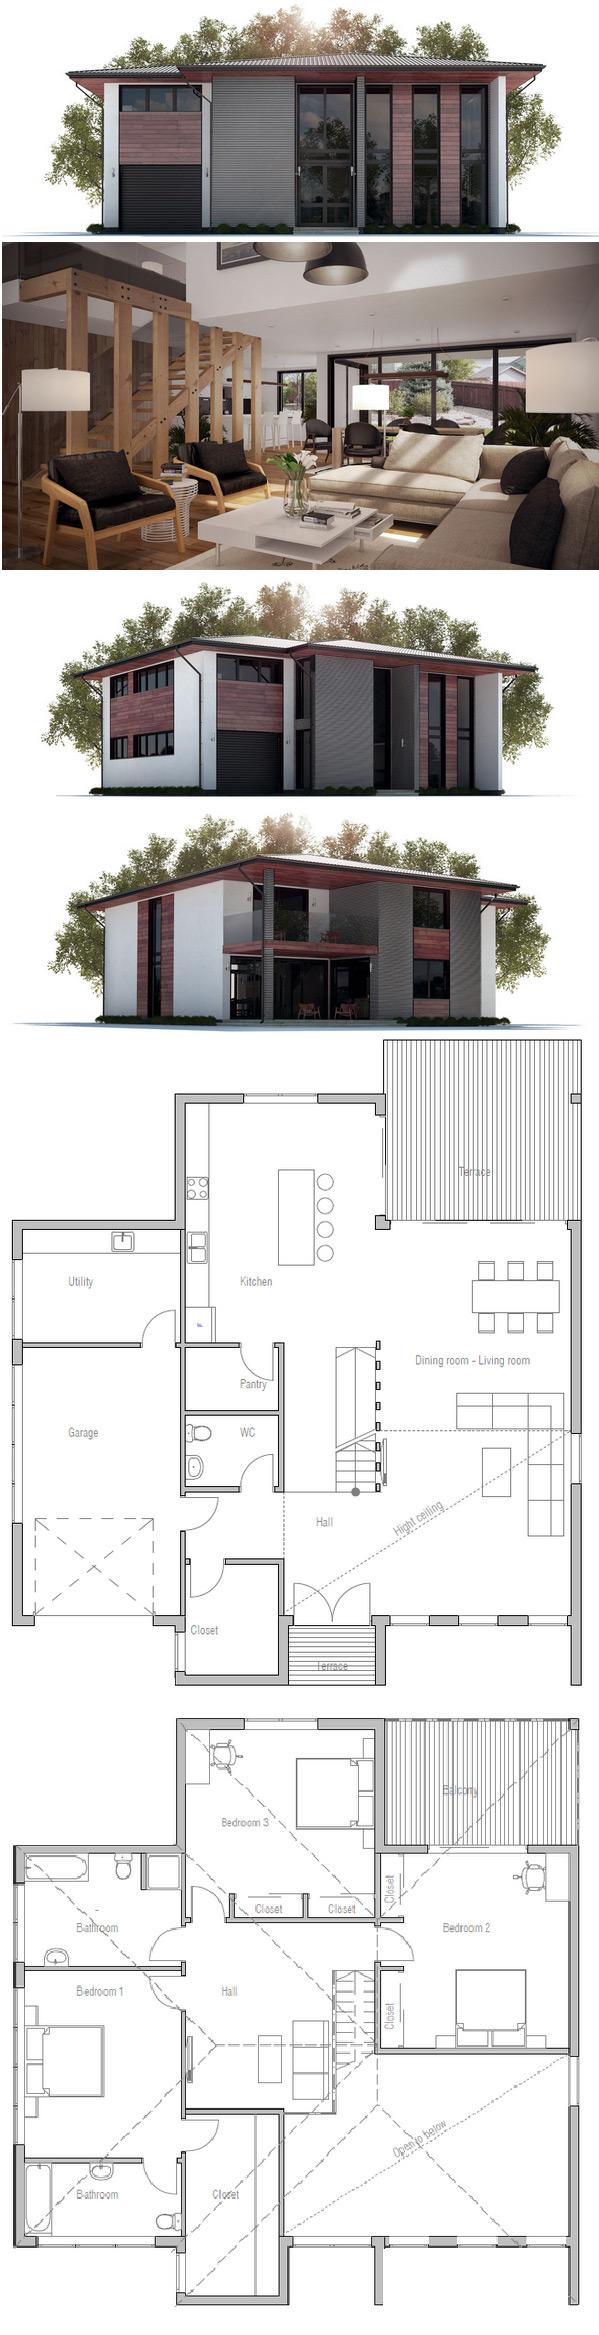 Plan De Petite Maison Inspiration Du Moment Pinterest